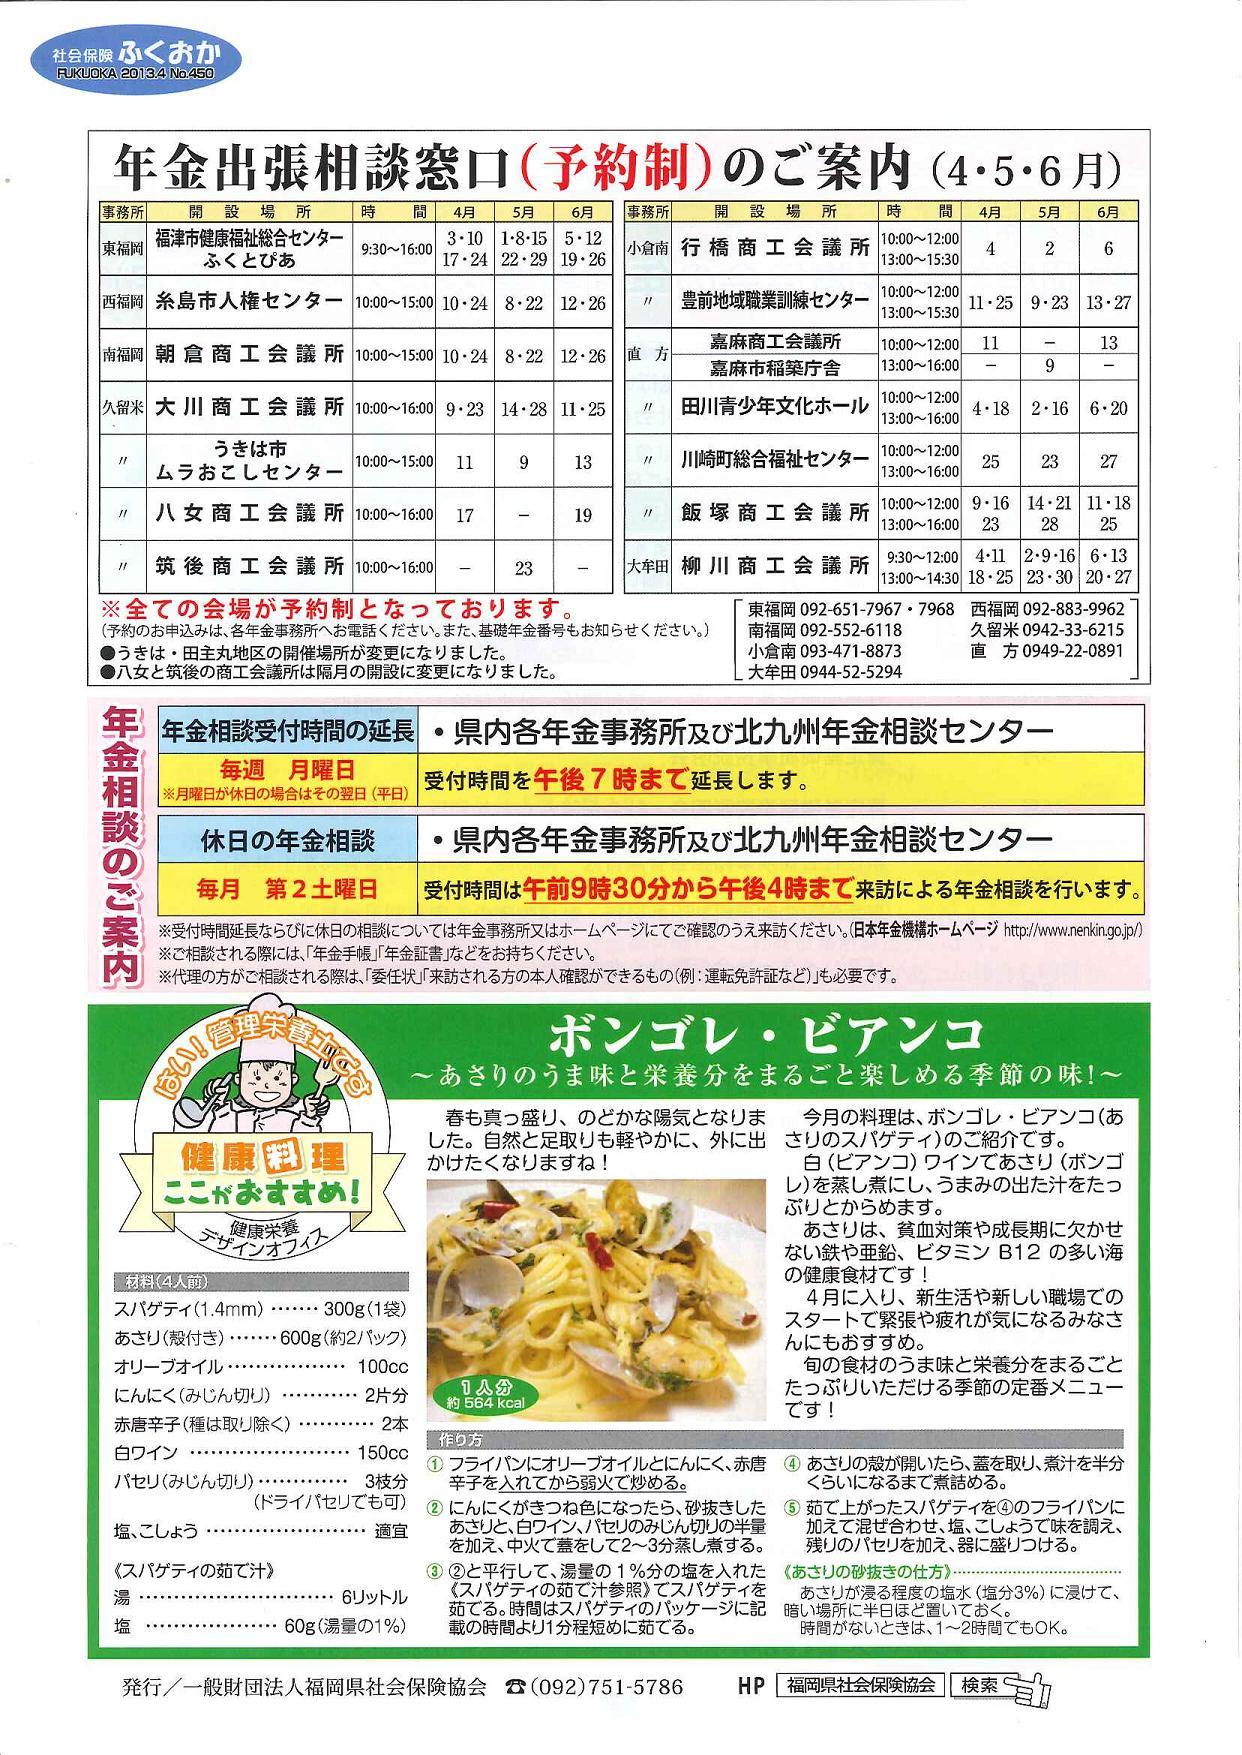 社会保険 「ふくおか」 2013年4月号_f0120774_15304618.jpg